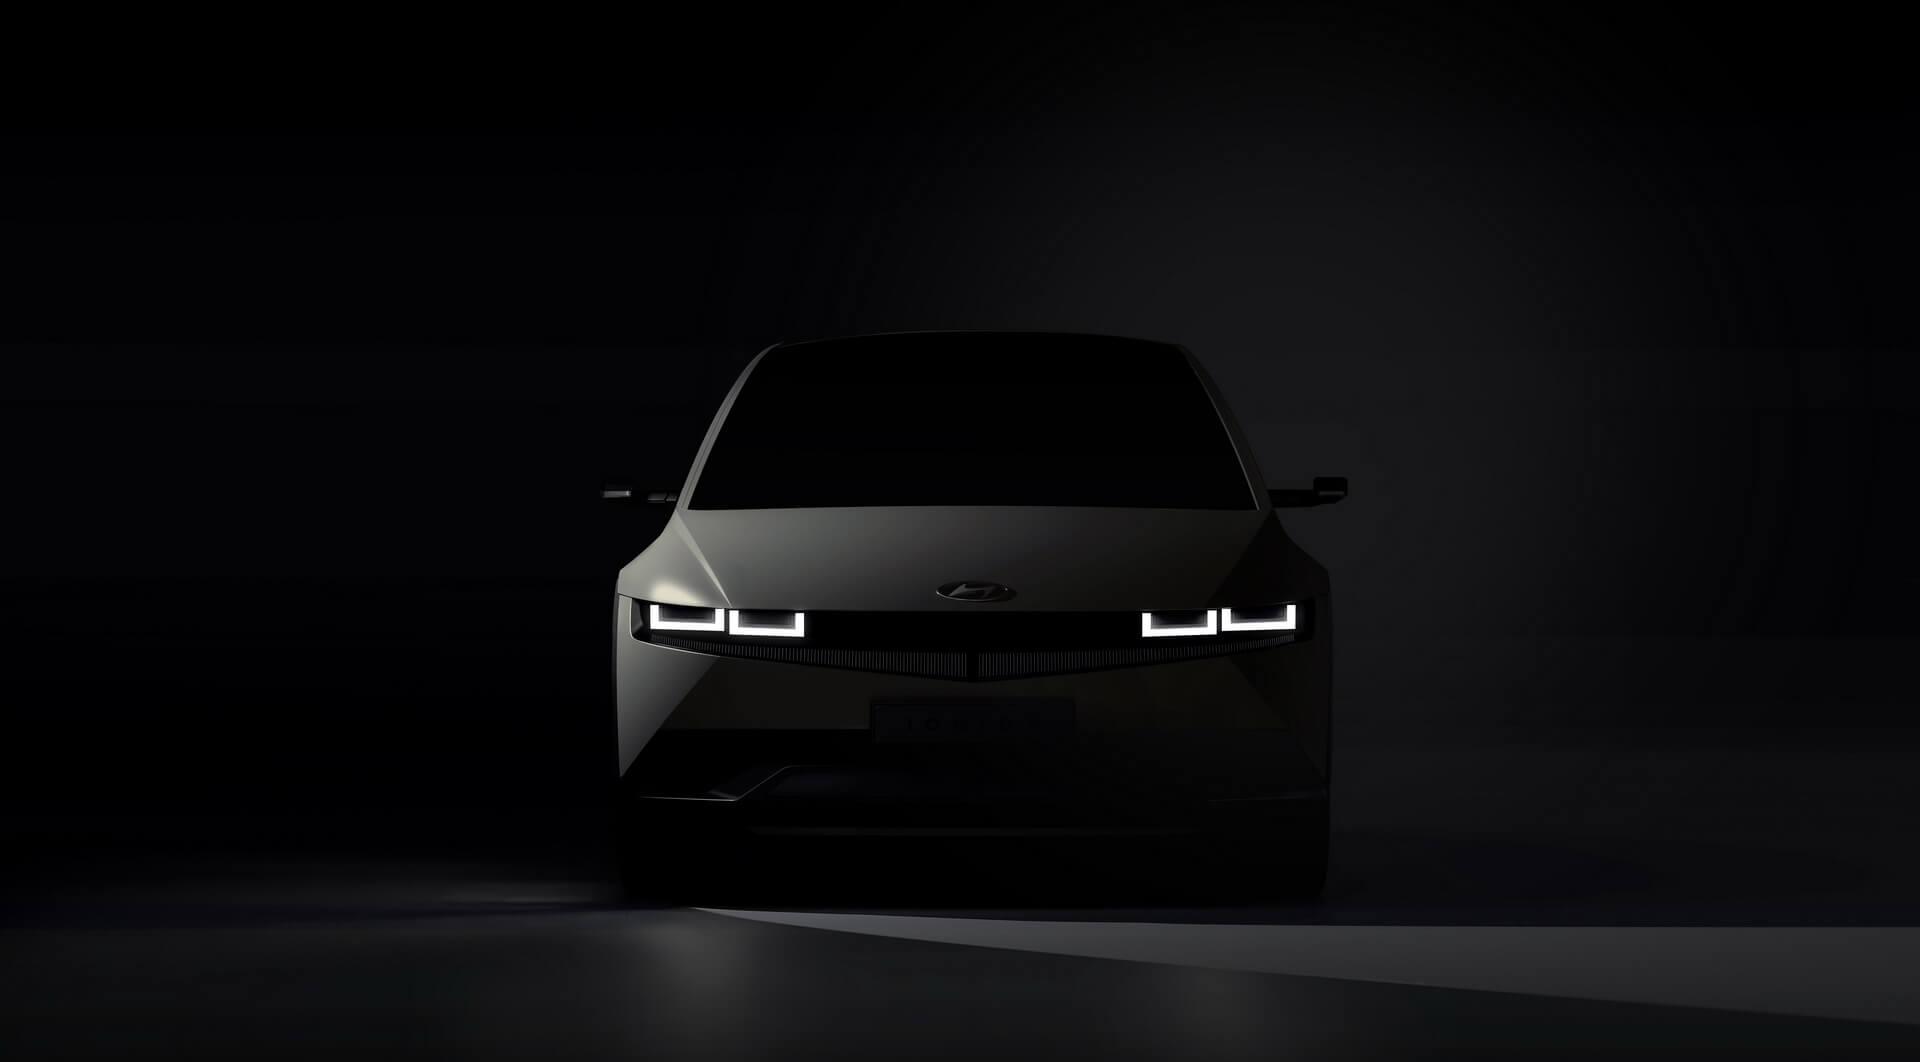 Изображение электрического кроссовера Hyundai IONIQ 5